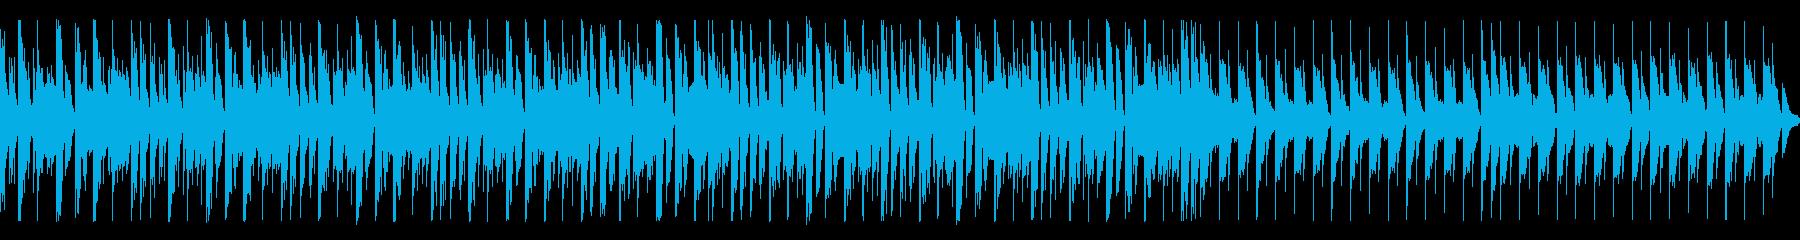 【ループ・Pf抜】軽快なピアノEDMの再生済みの波形